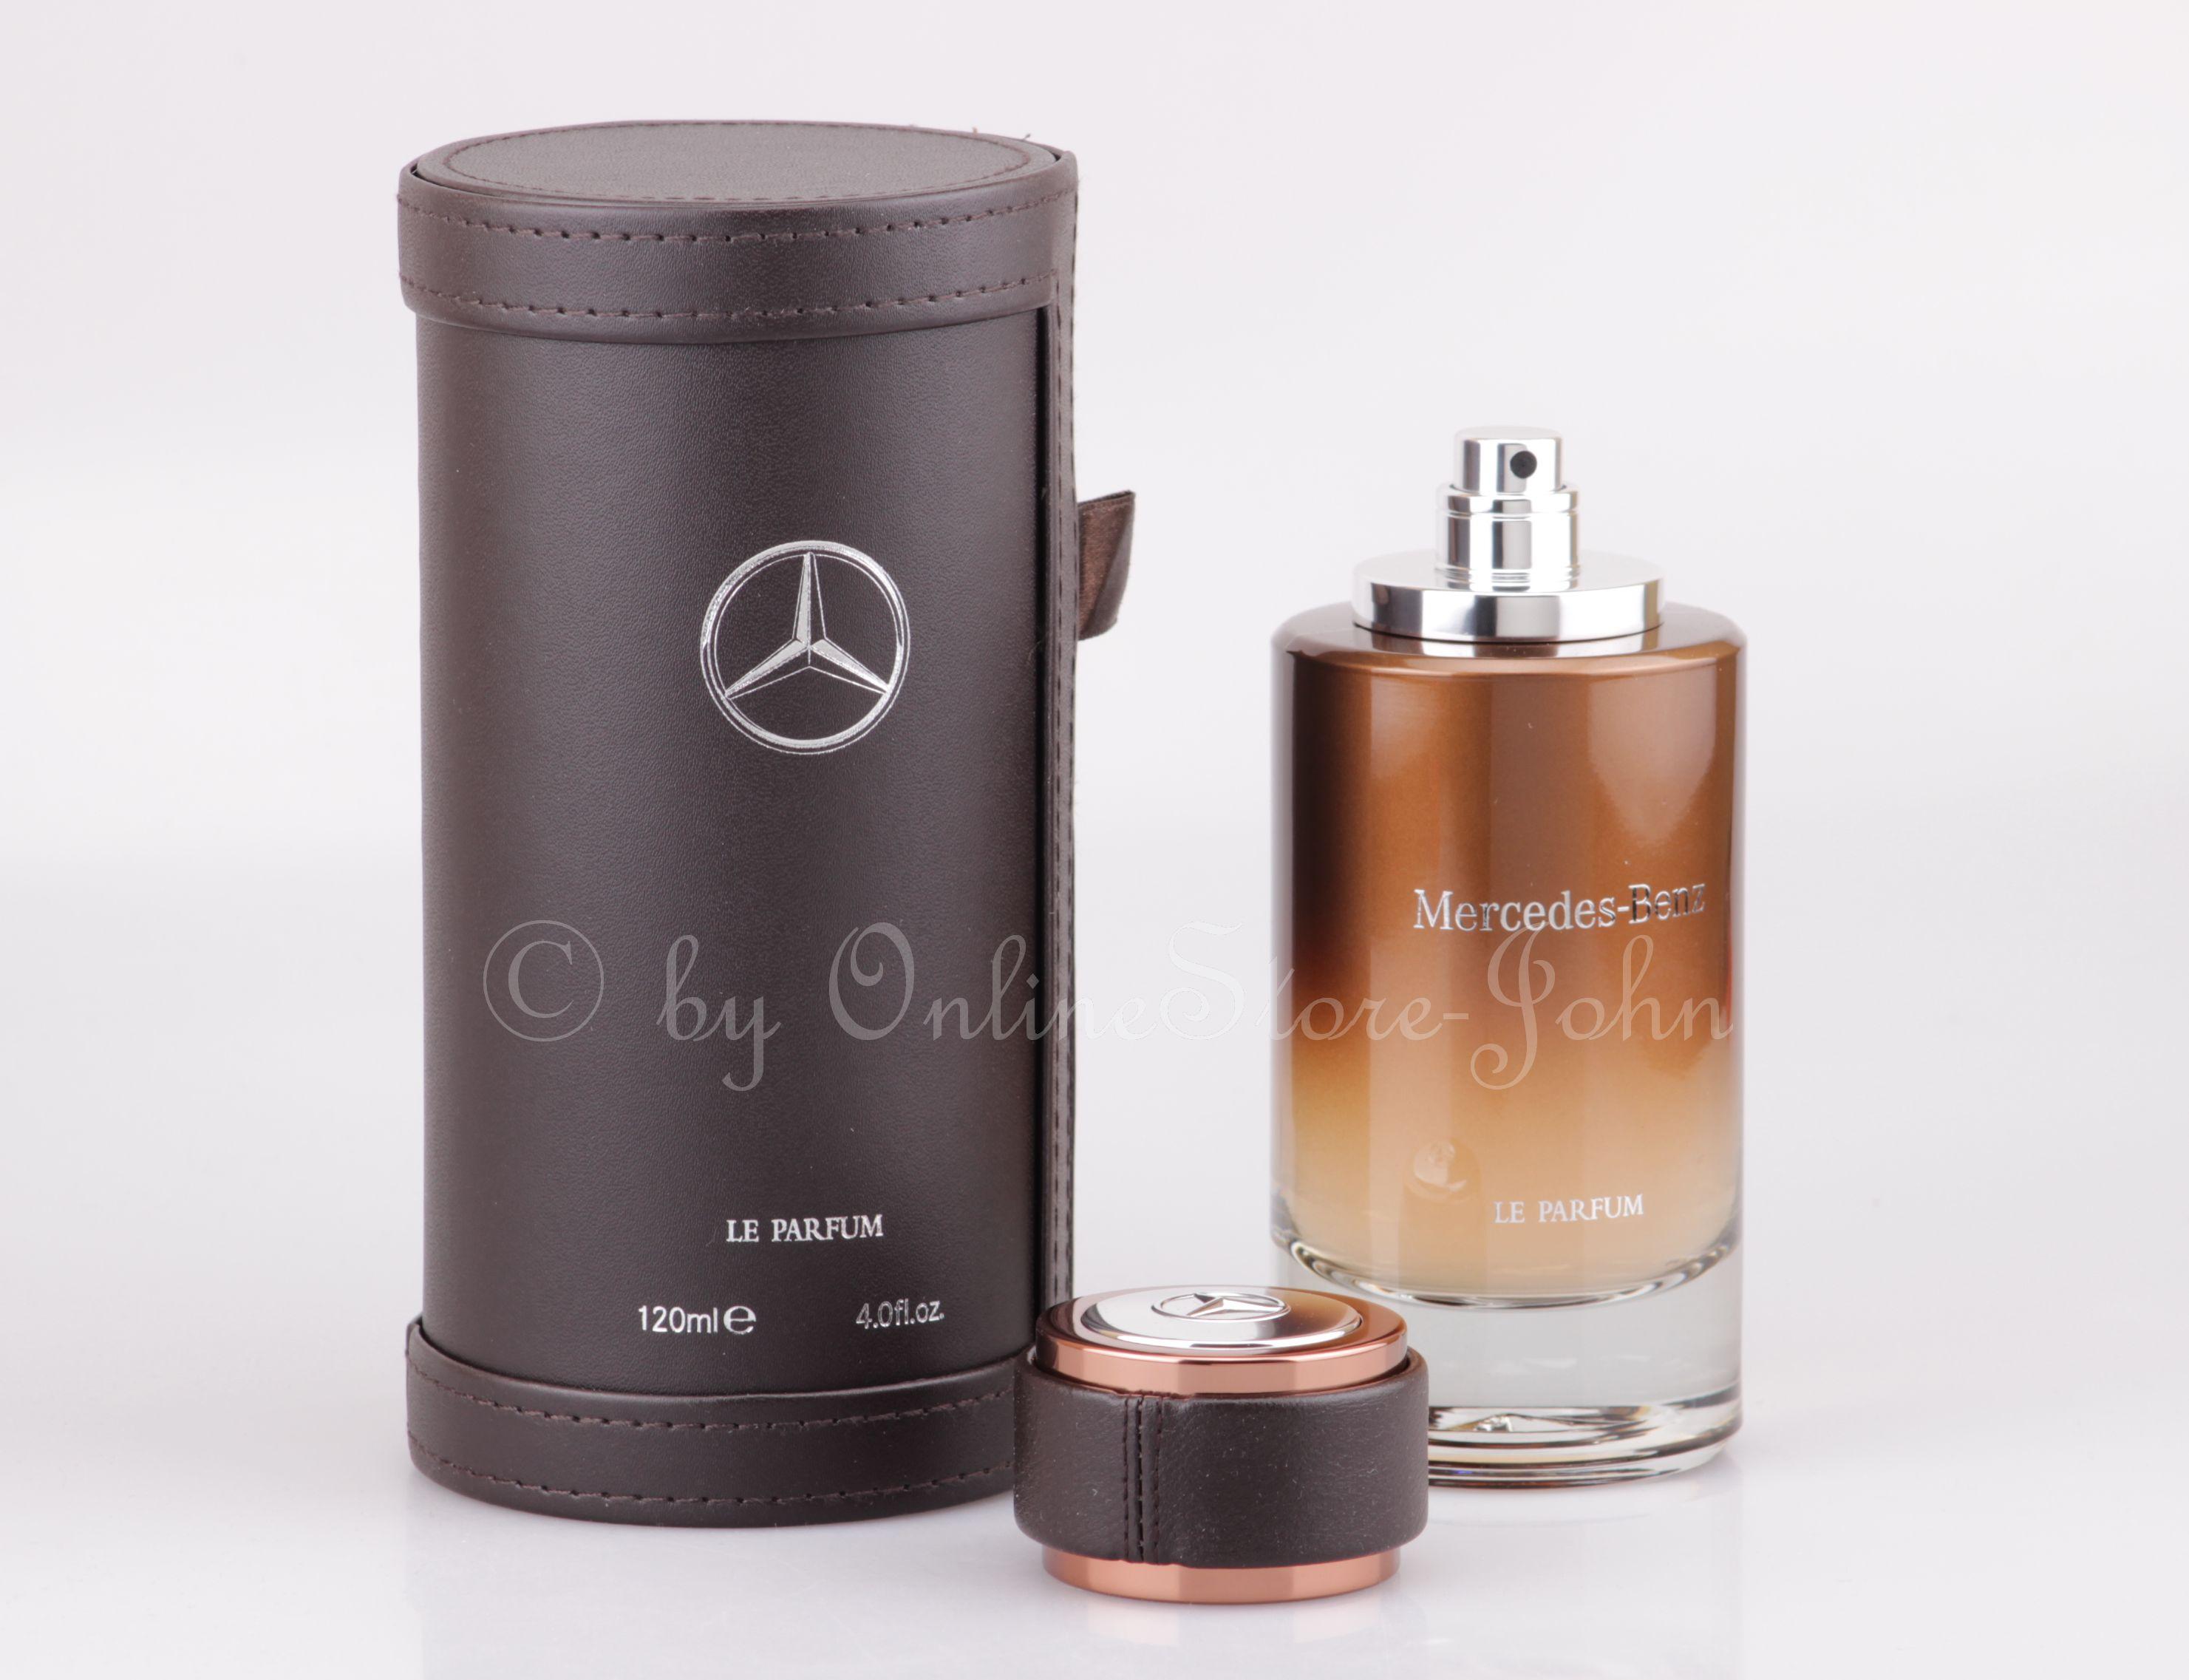 Mercedes Benz Le Parfum For Men 120ml Edp Eau De Parfum